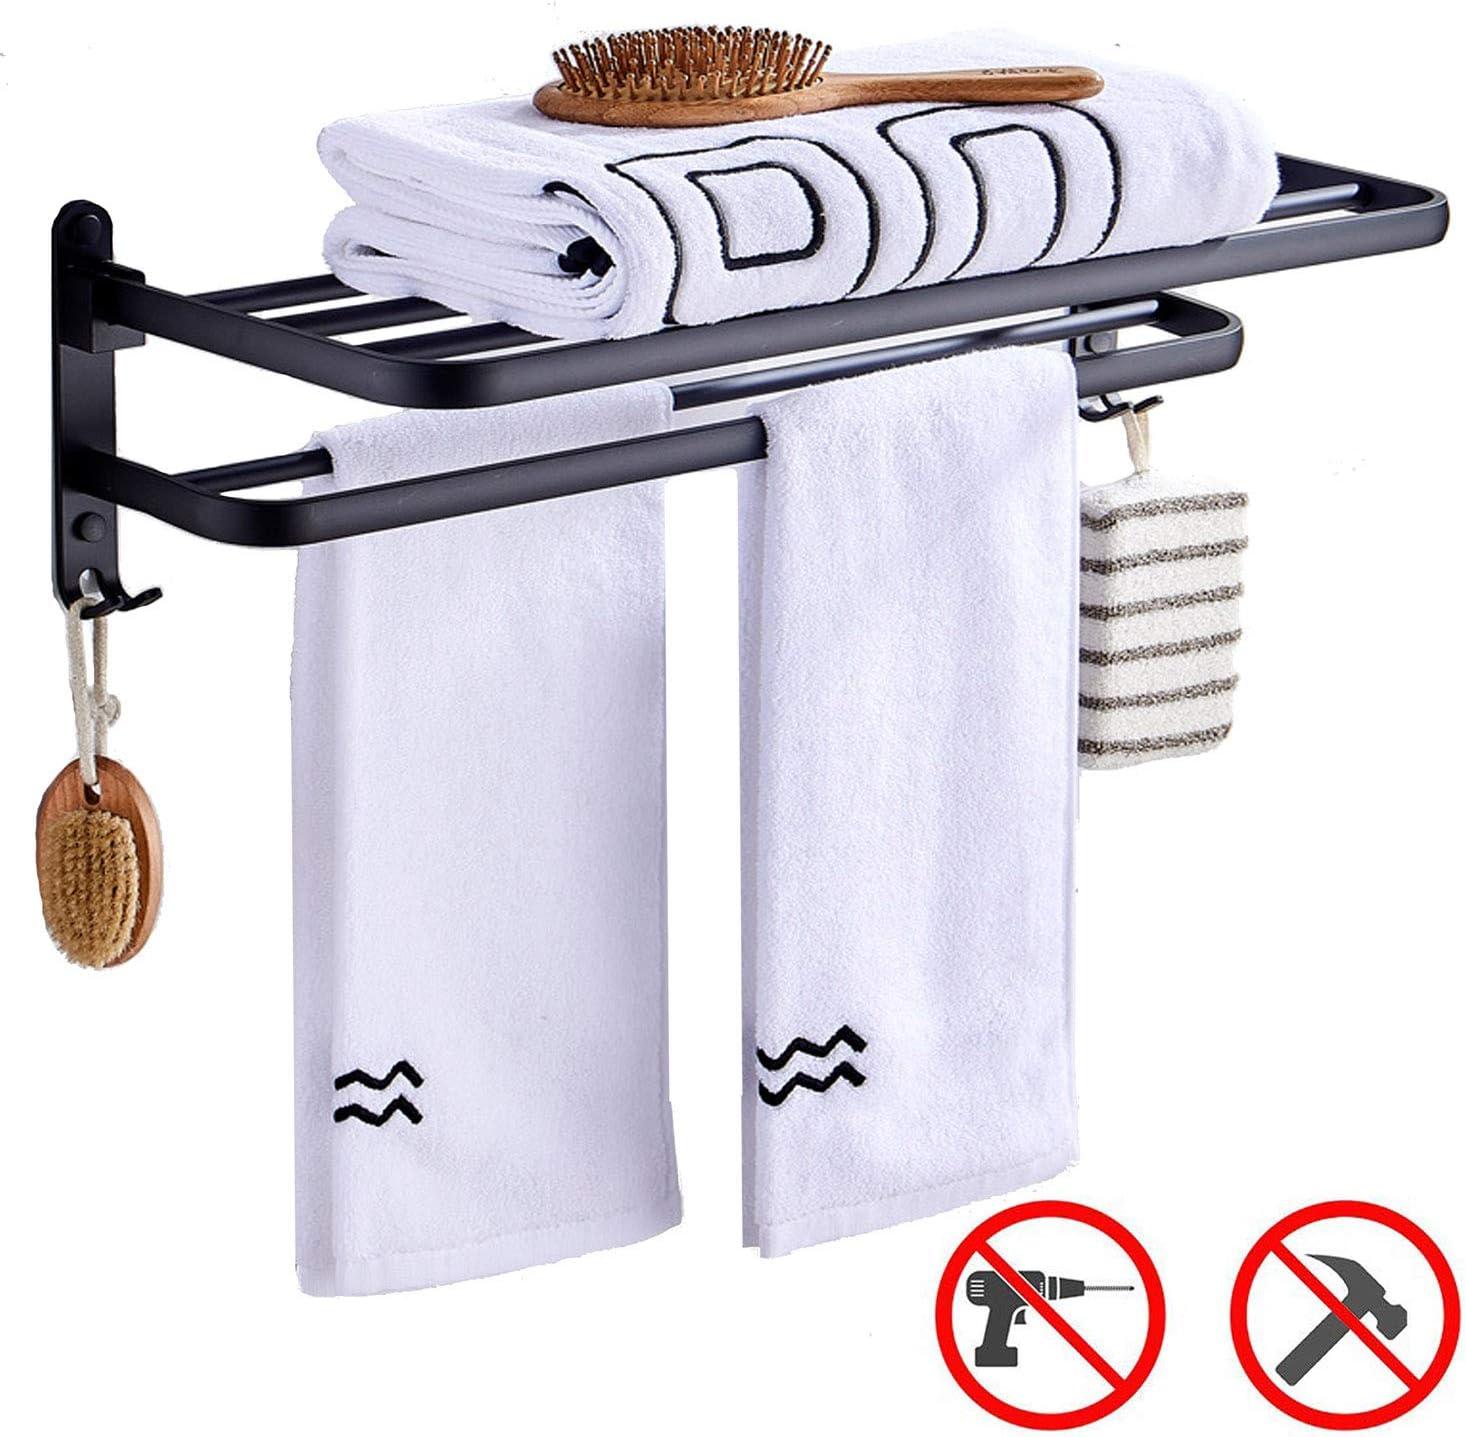 AltraTech タオルラック アルミ製 穴あけ不要 浴室棚 壁取り付け フック付き タオルバー 2段 クロムブラック仕上げ バスルーム用